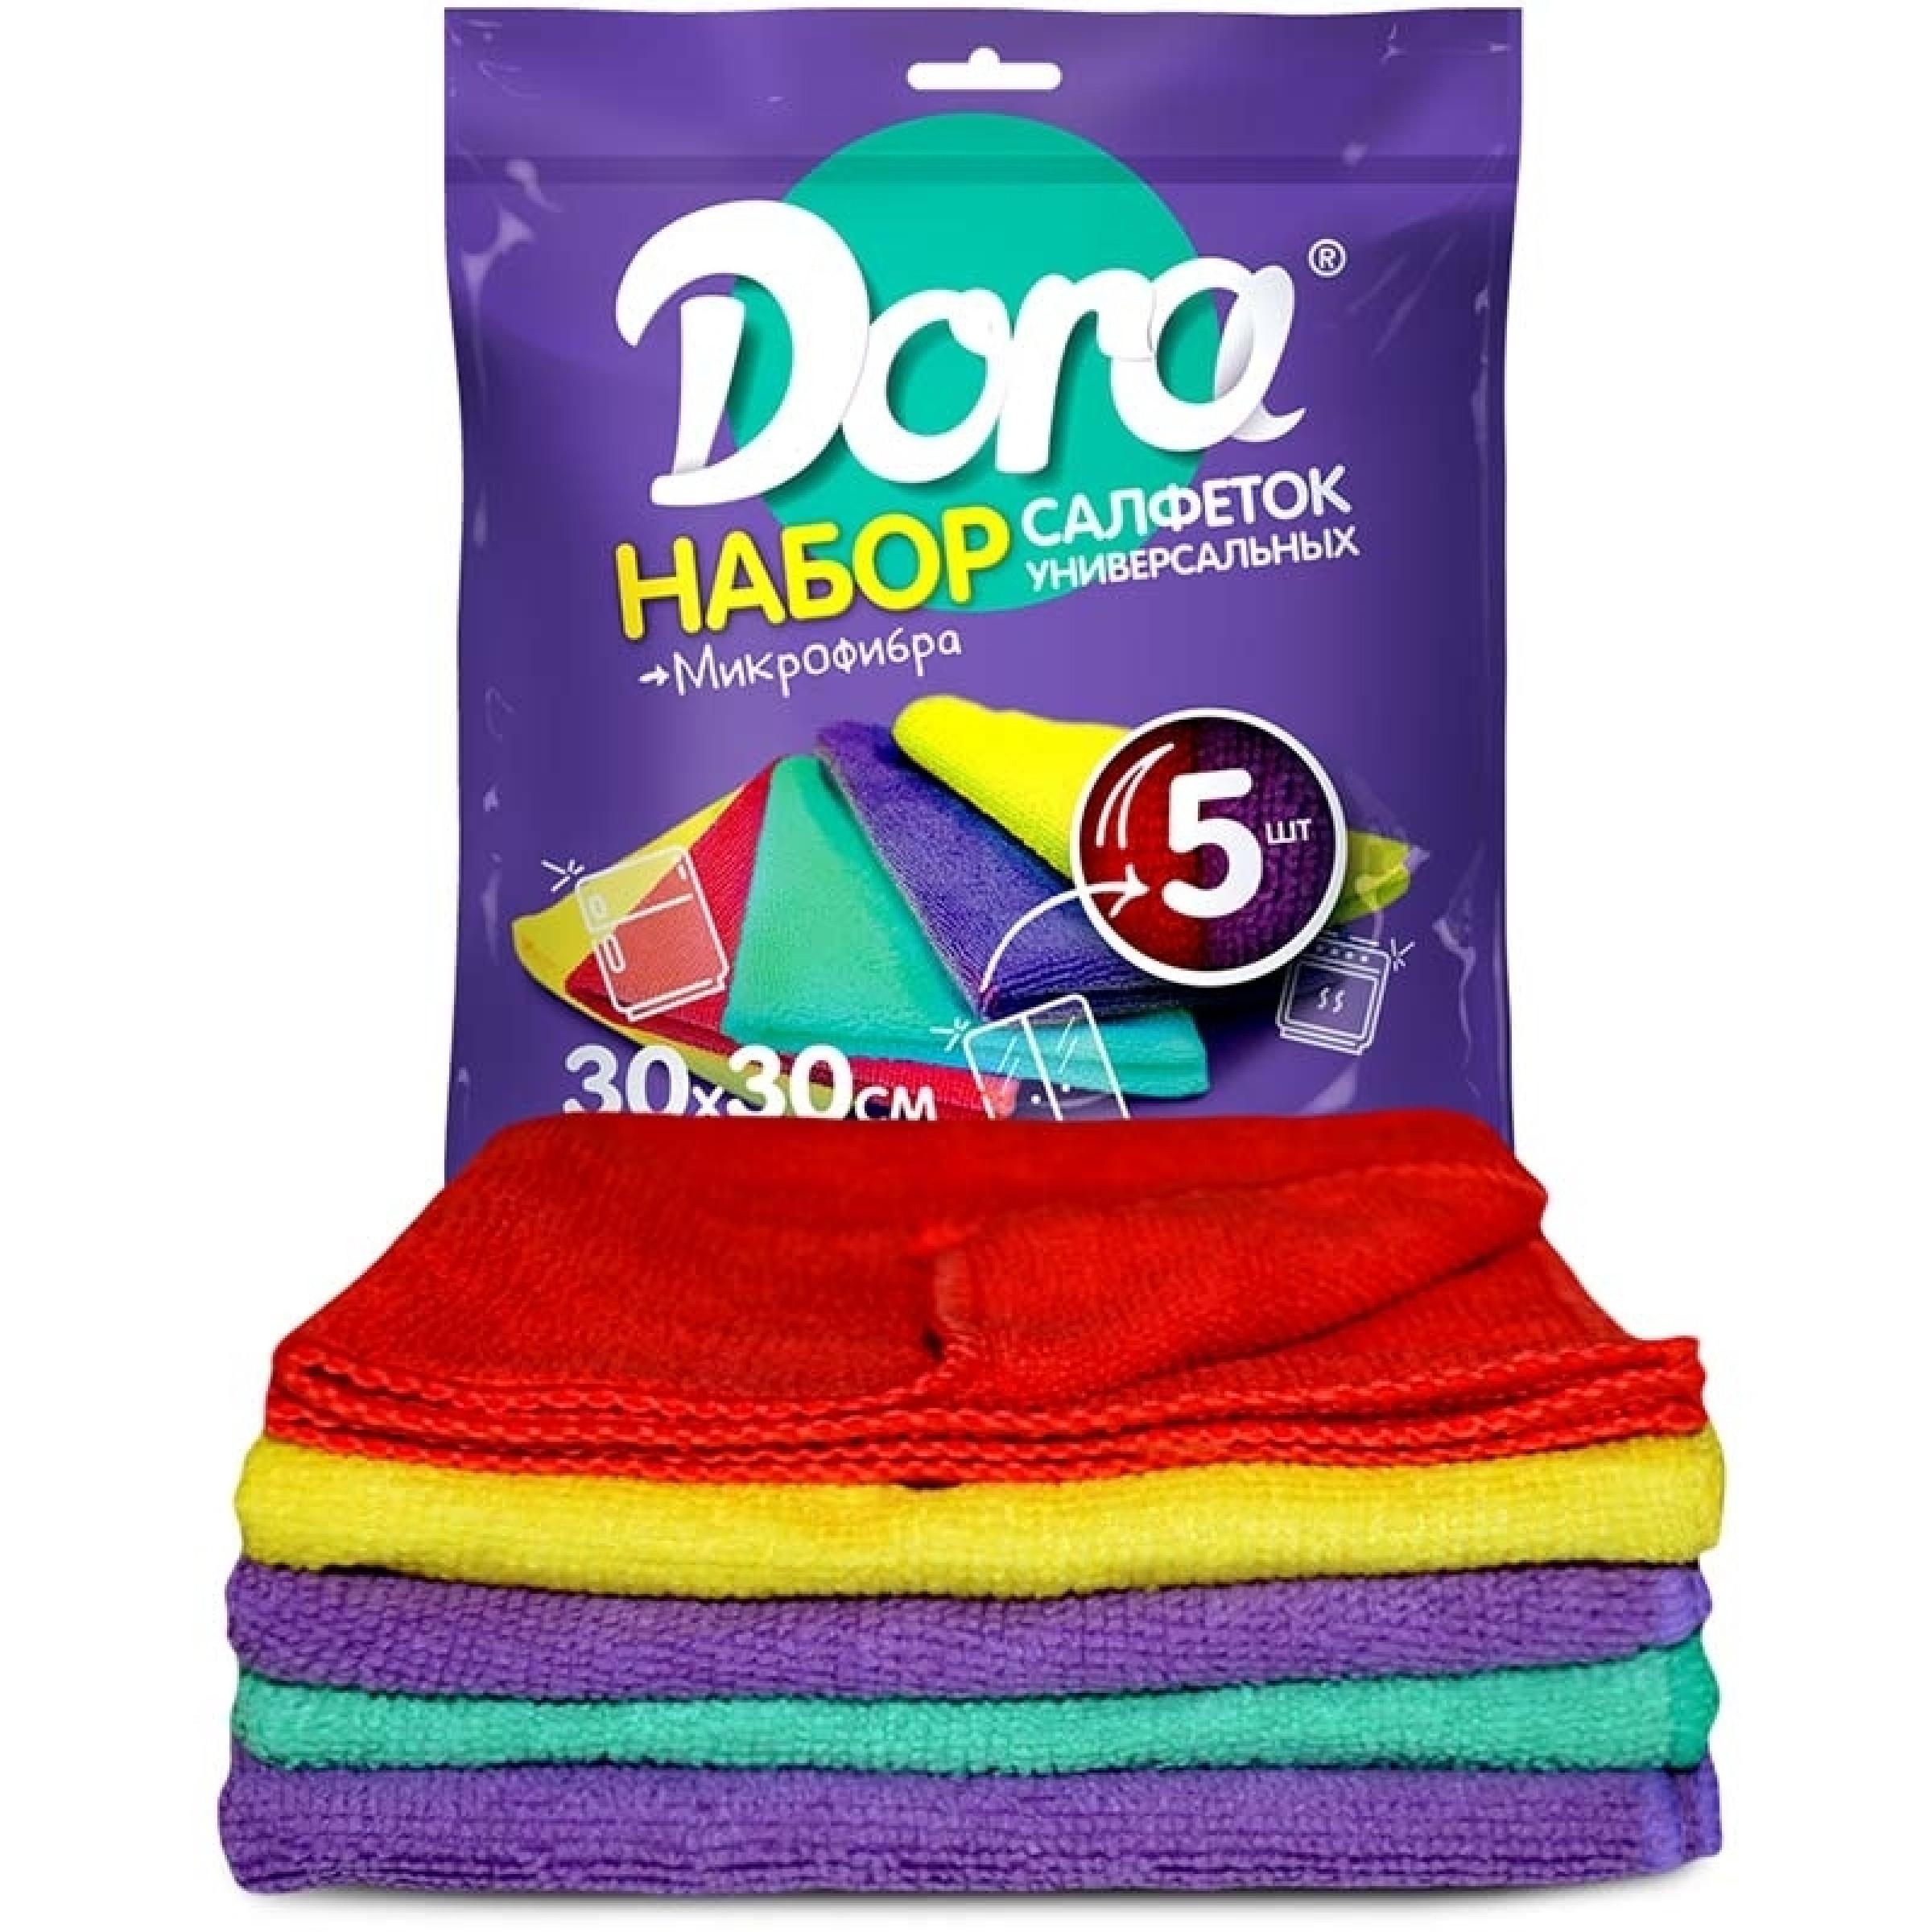 Салфетка Dora универсальная из микрофибры, 30см х 30см, 5шт